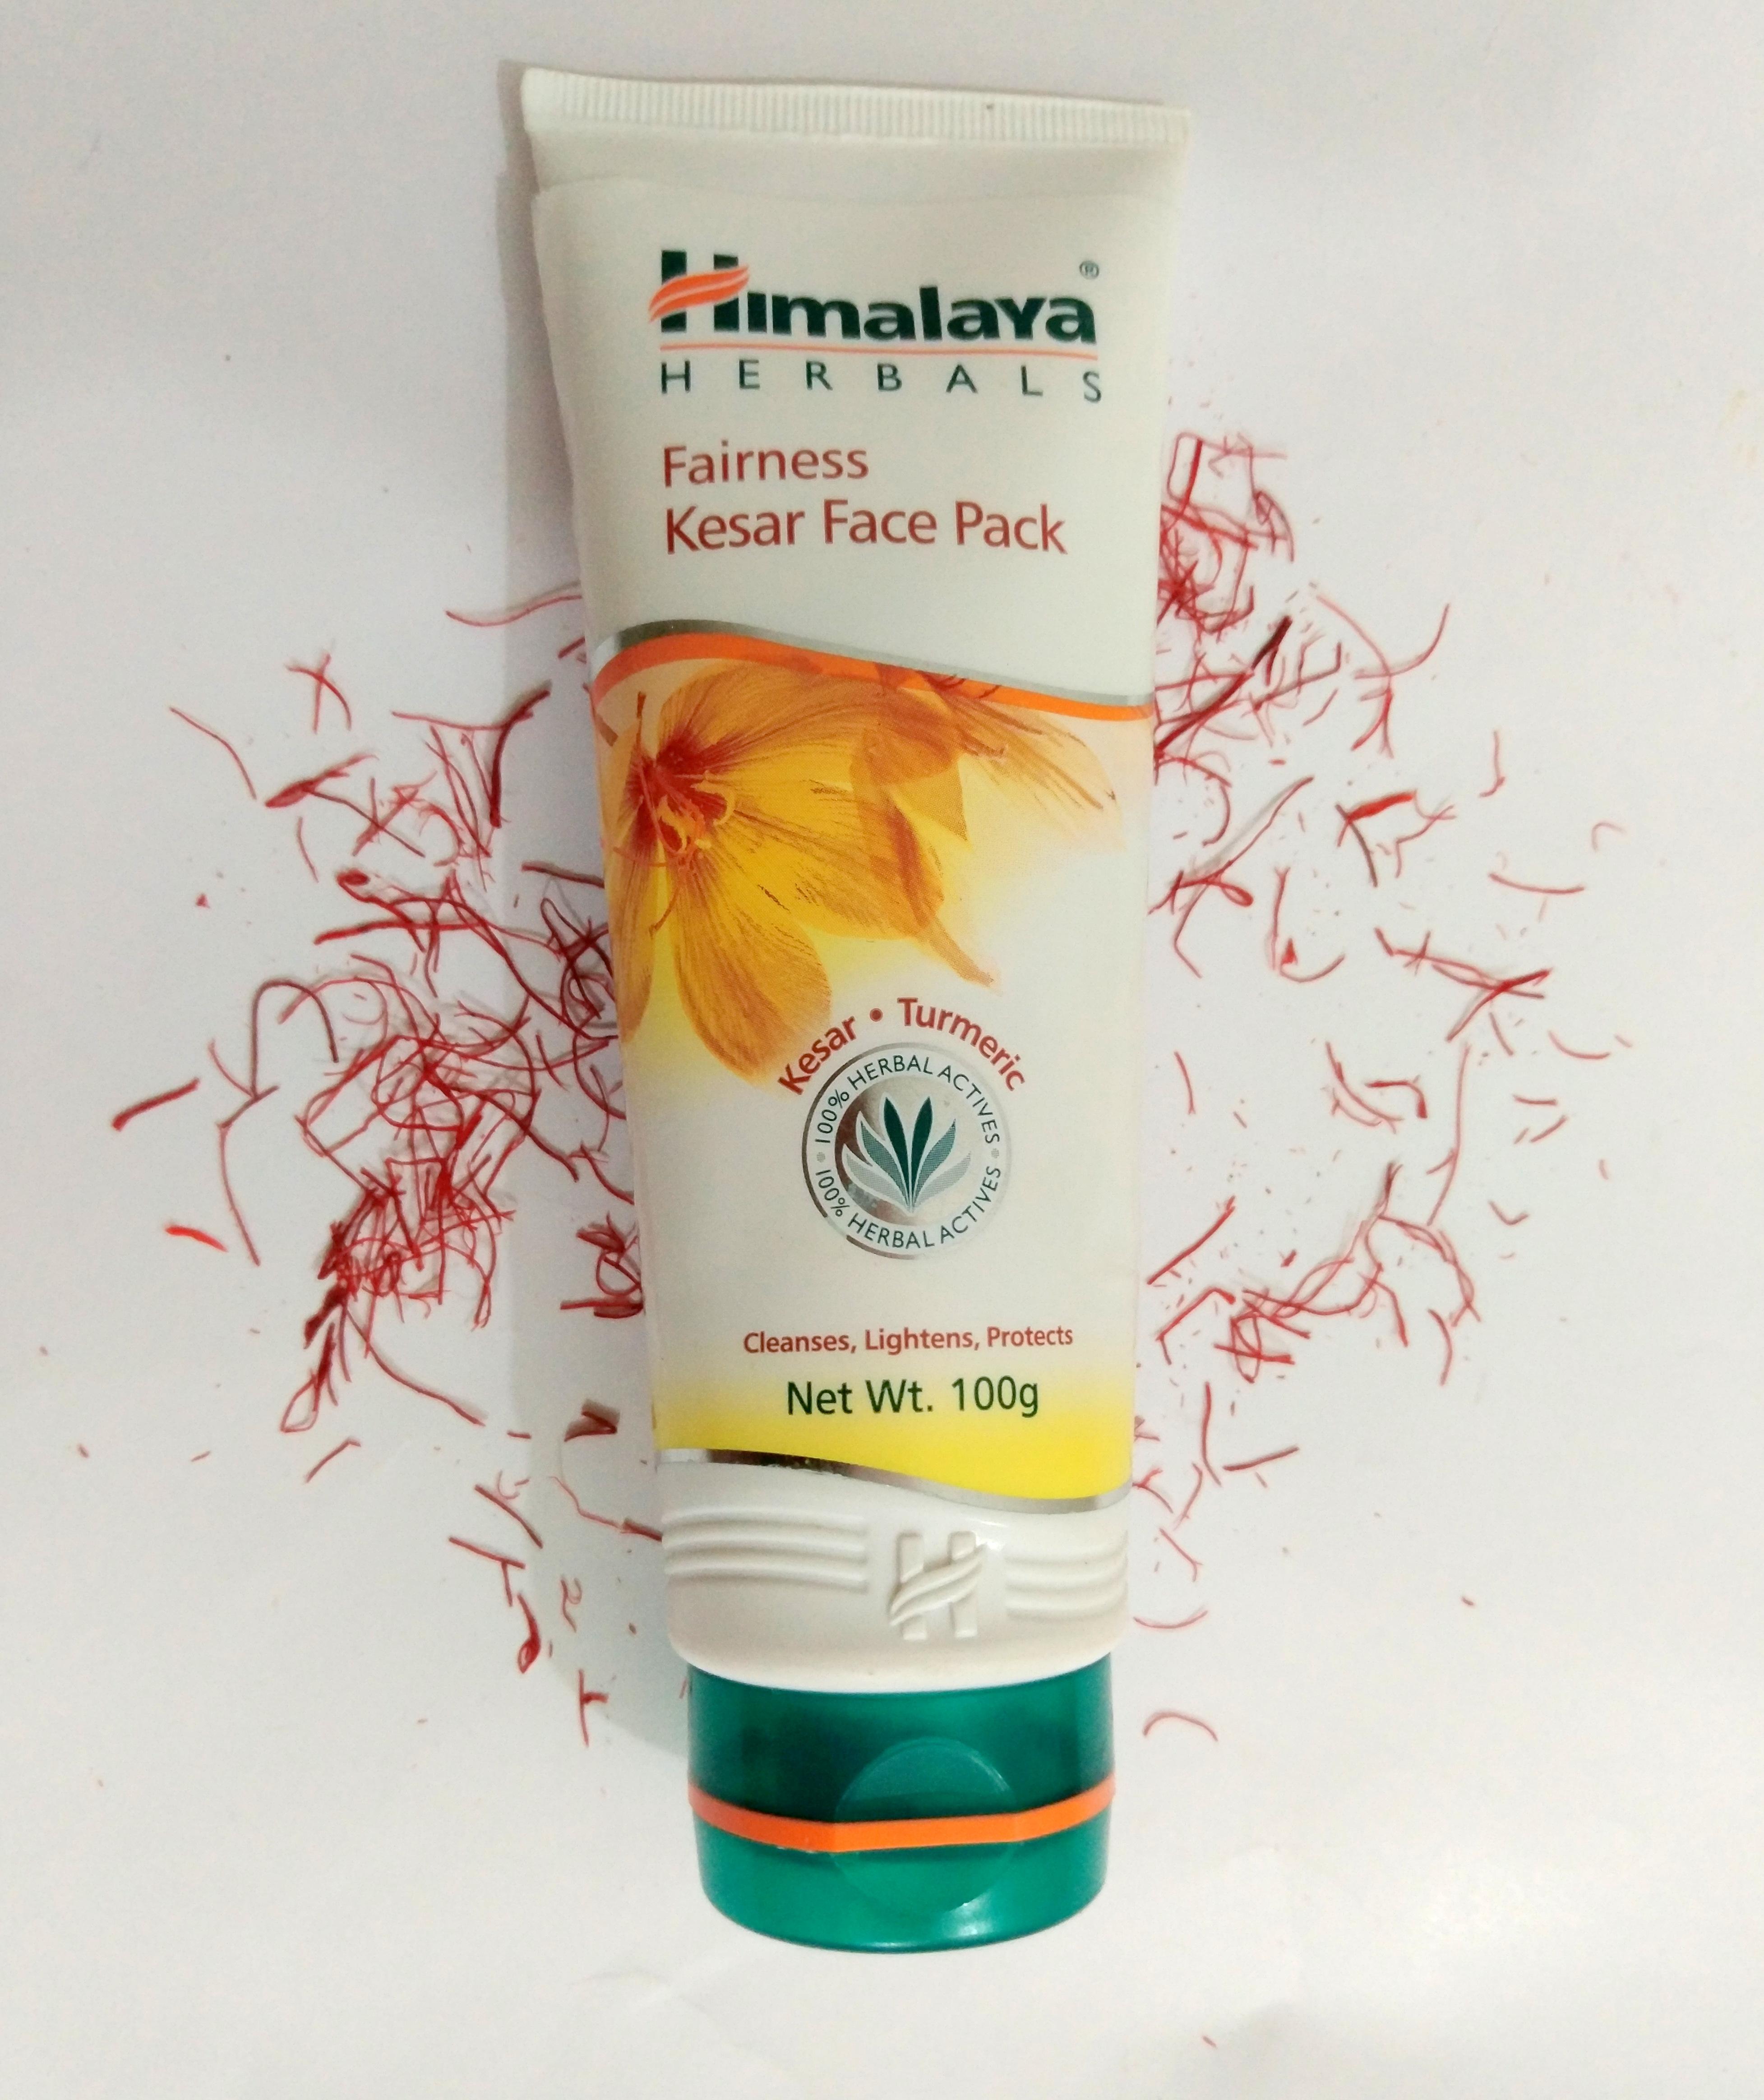 Himalaya Fairness Kesar Face Packe